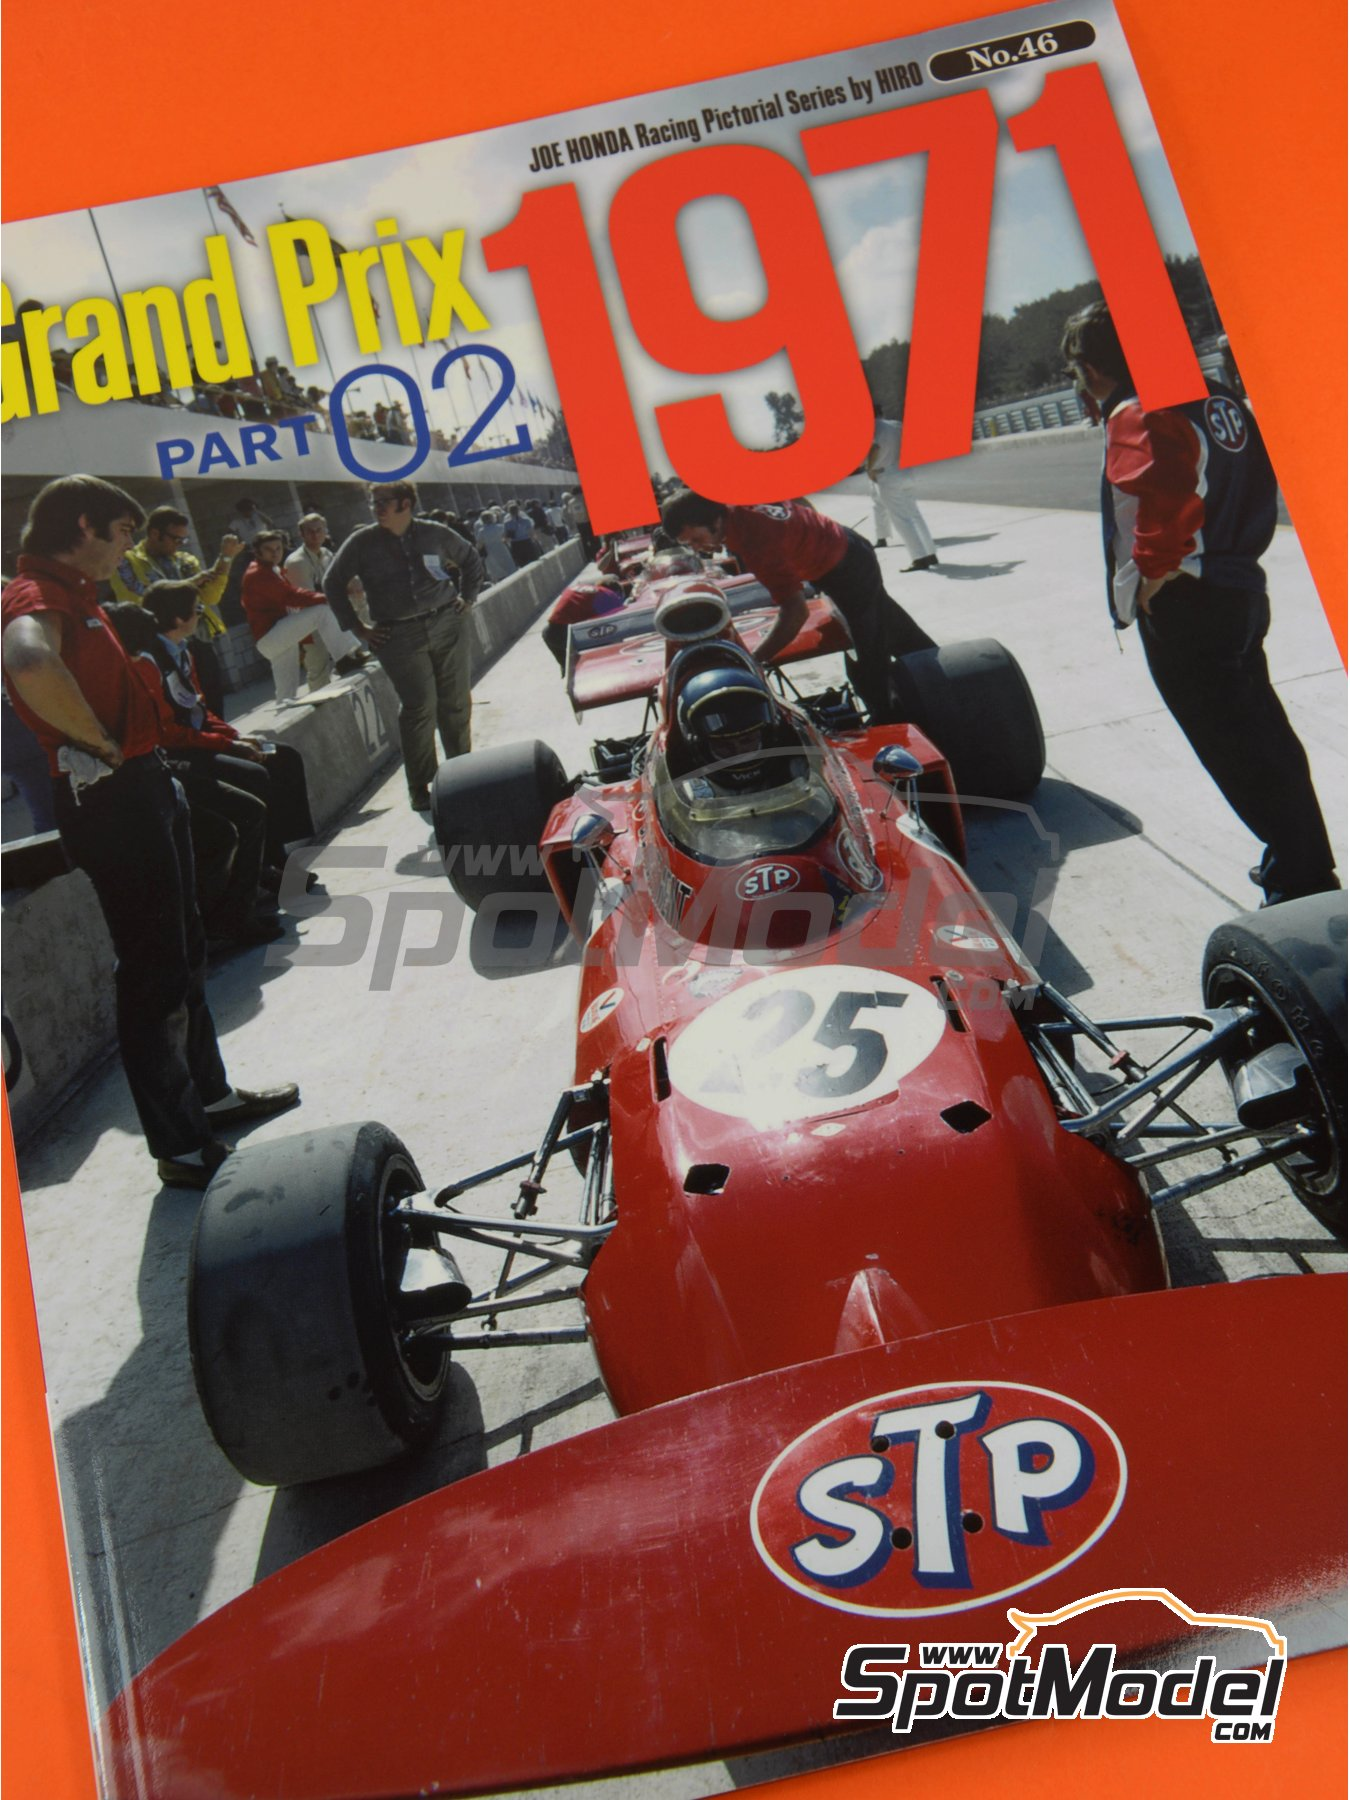 Joe Honda Racing Pictorial Series: Grand Prix, parte 2 -  1971 | Libro de referencia fabricado por Model Factory Hiro (ref.MFH-JH46) image